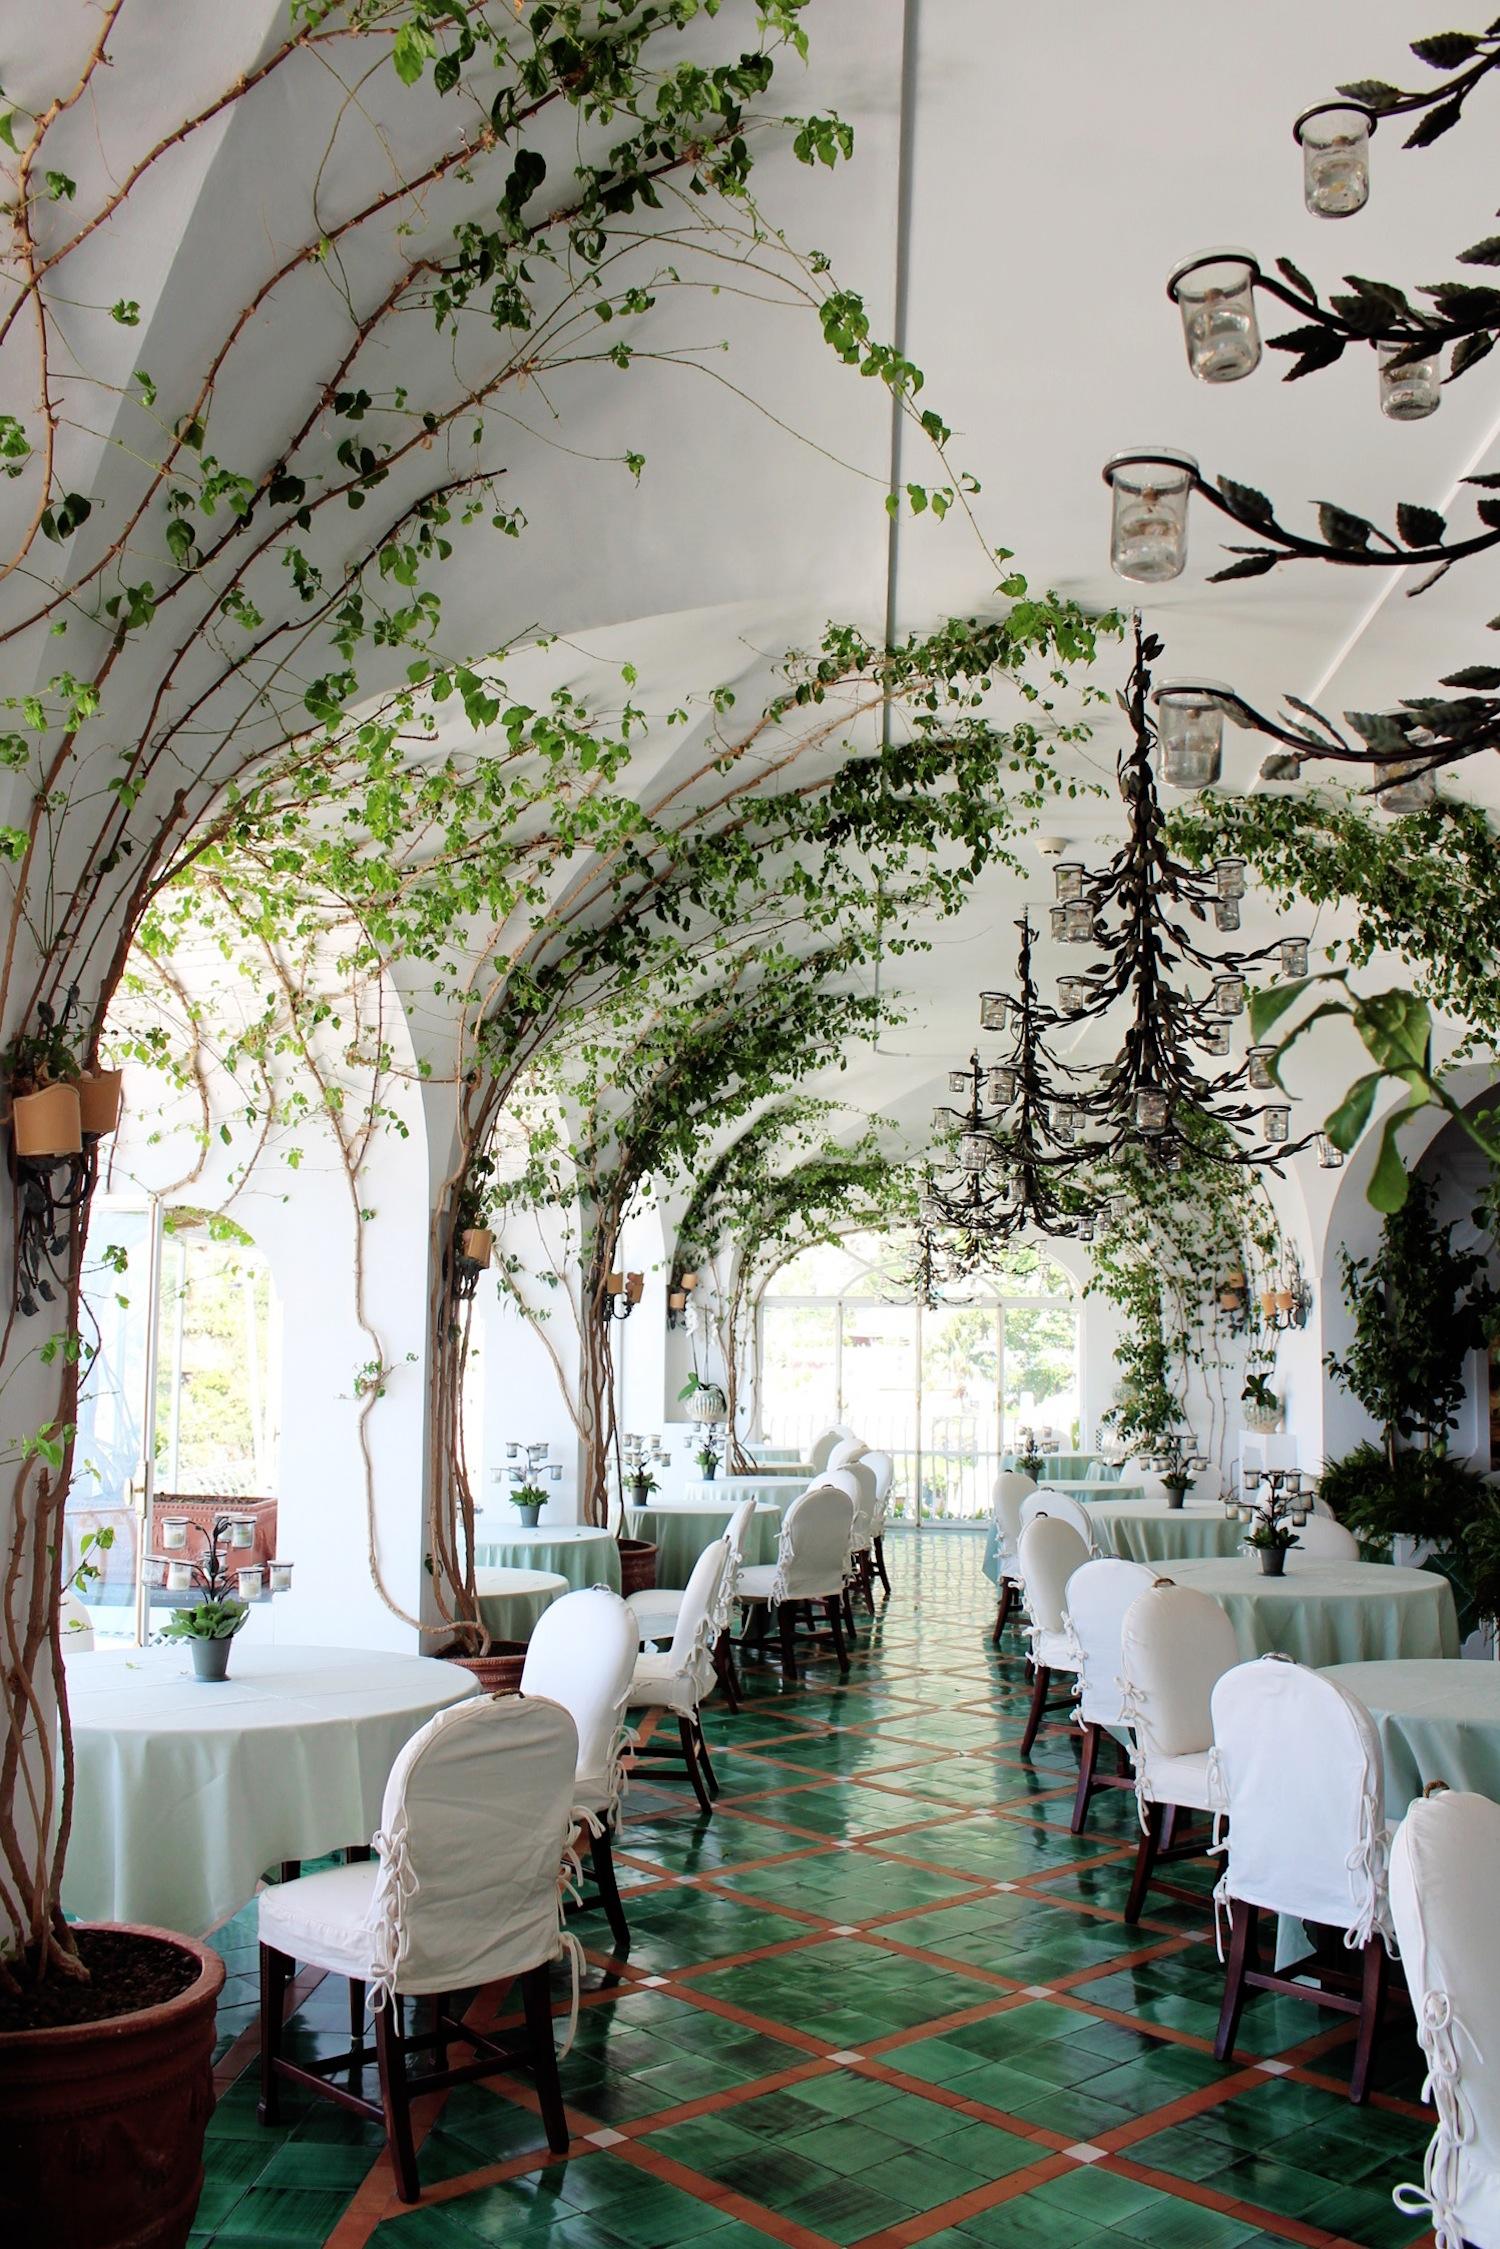 Le fil vert en décoration d'intérieur ||hôtel Sirenuse par tuulavintage